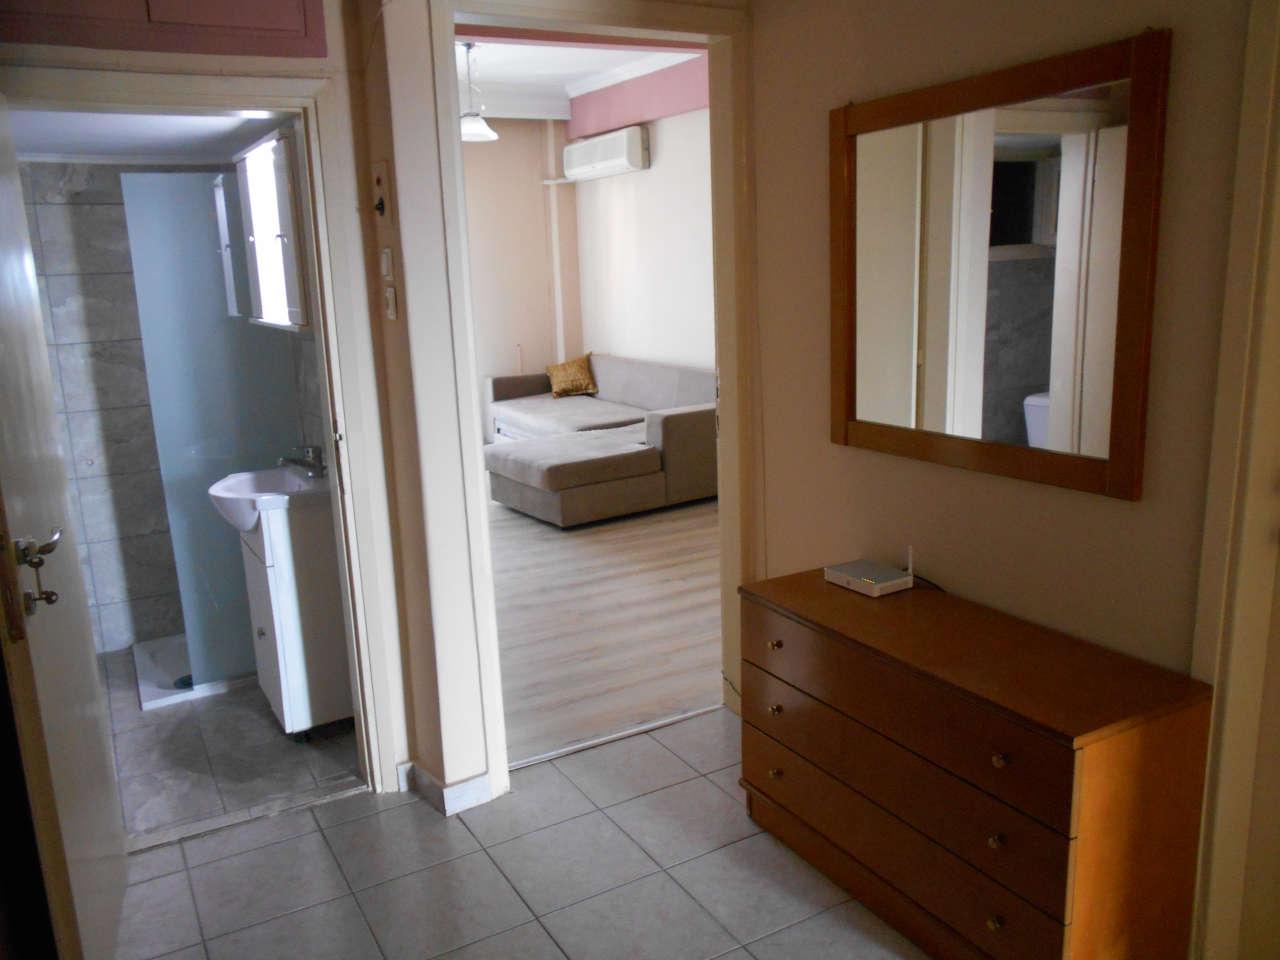 Διαθέρισμα AirBnB δίπλα στο κέντρο της Θεσσαλονίκης - Χολ